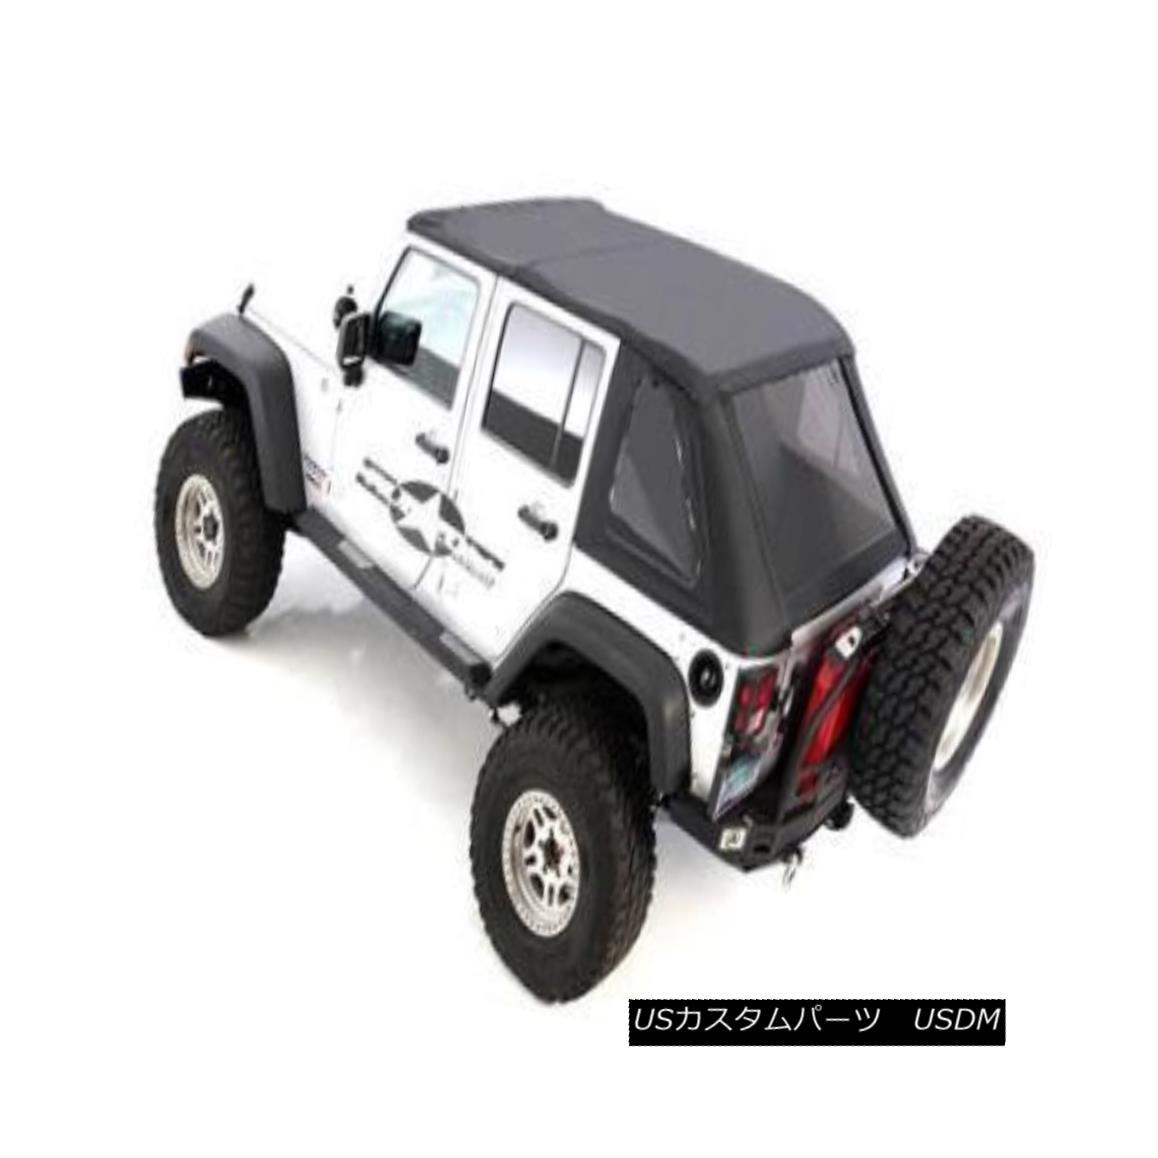 幌・ソフトトップ Smittybilt Bowless Soft Top Combo Jeep Wrangler JKU 4 DR Black Diamond 9083235 Smittybilt BowlessソフトトップコンボジープラングラーJKU 4 DRブラックダイヤモンド9083235